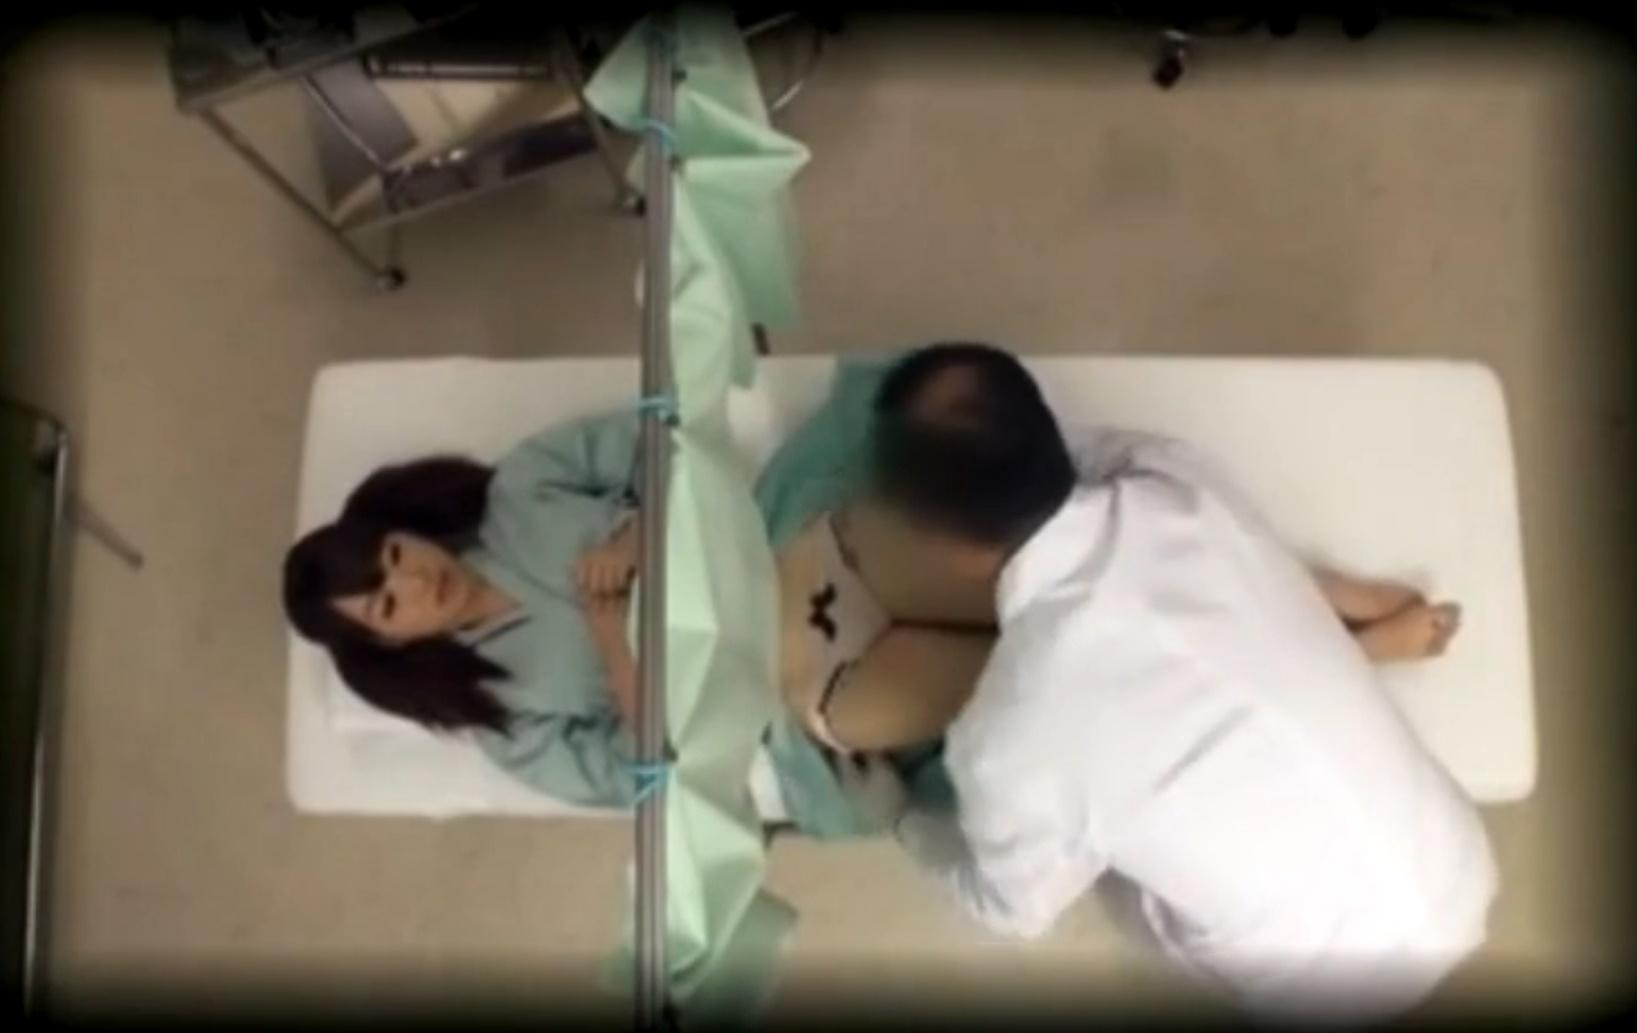 産婦人科に来た女性が悪徳医師に襲われ中出しレイプの餌食に…!